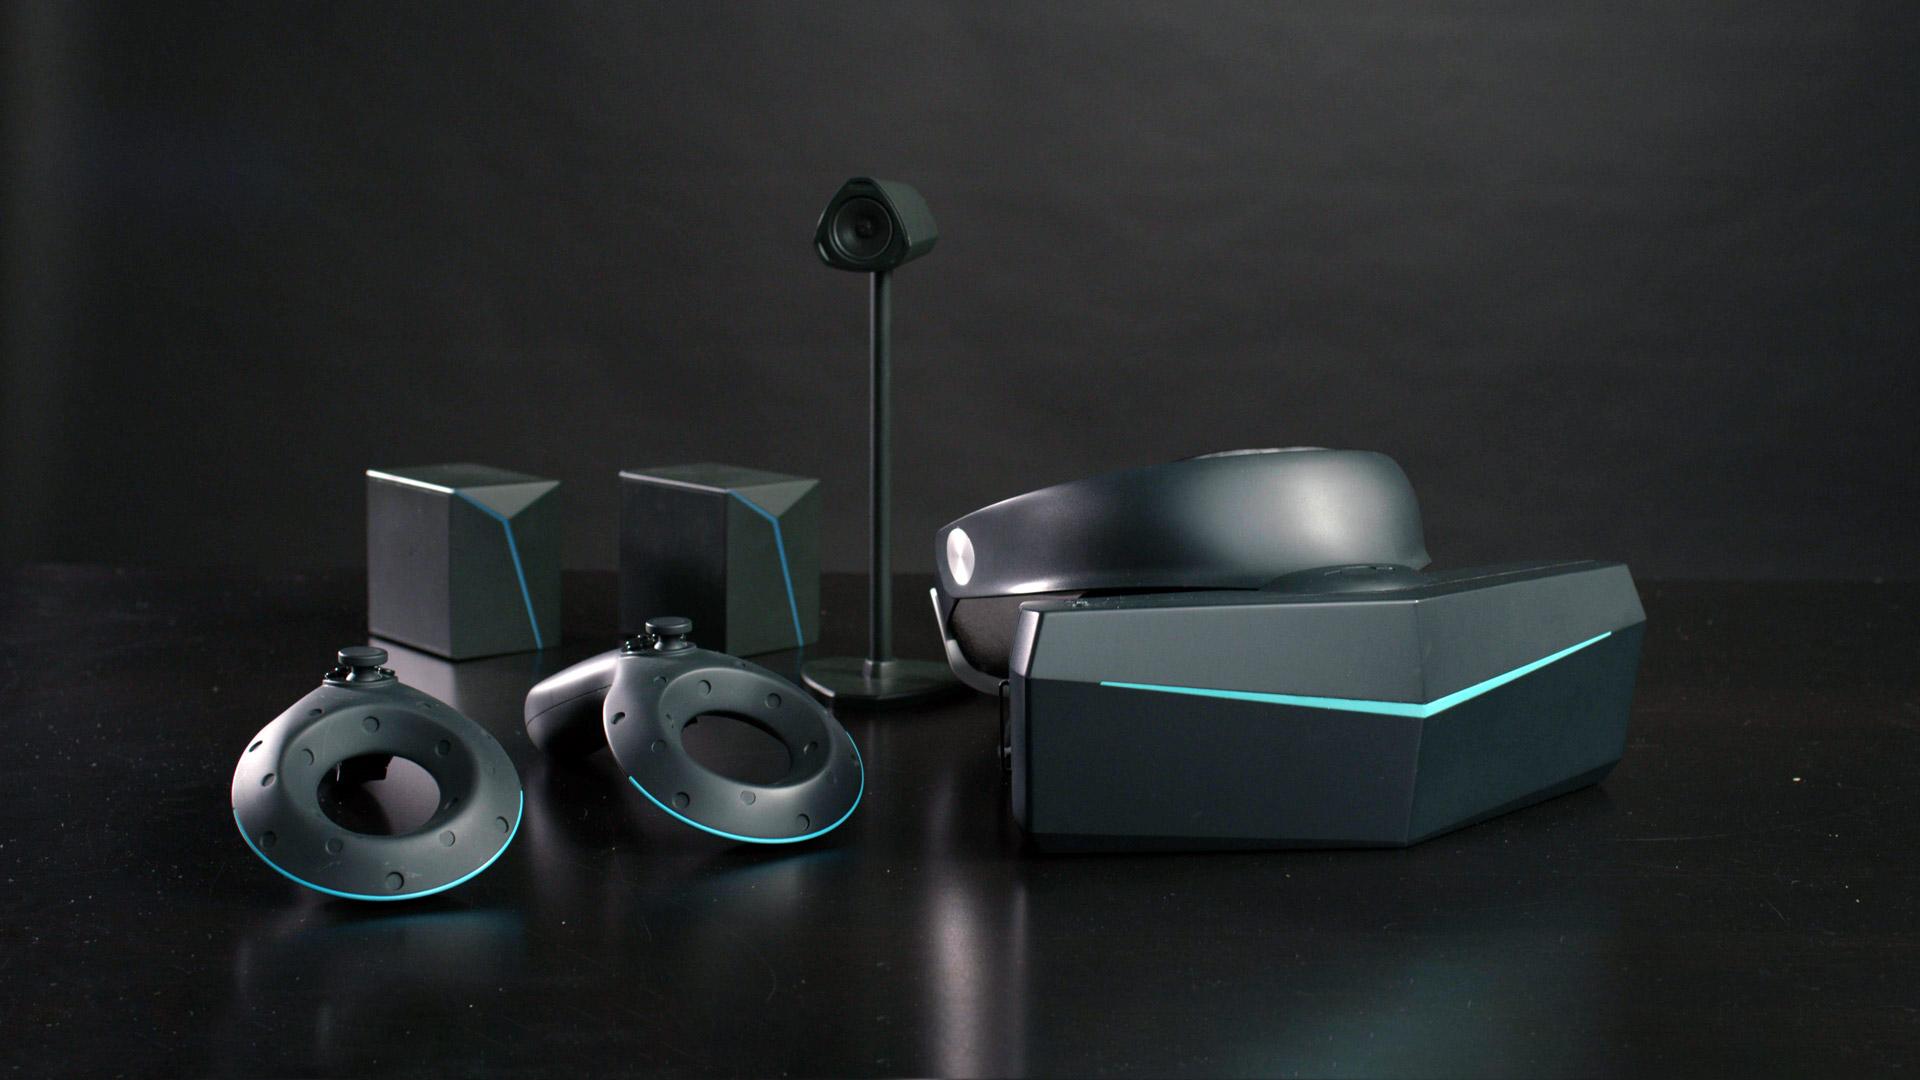 小派8K VR头显众筹超300万美元!将追加眼动追踪模块